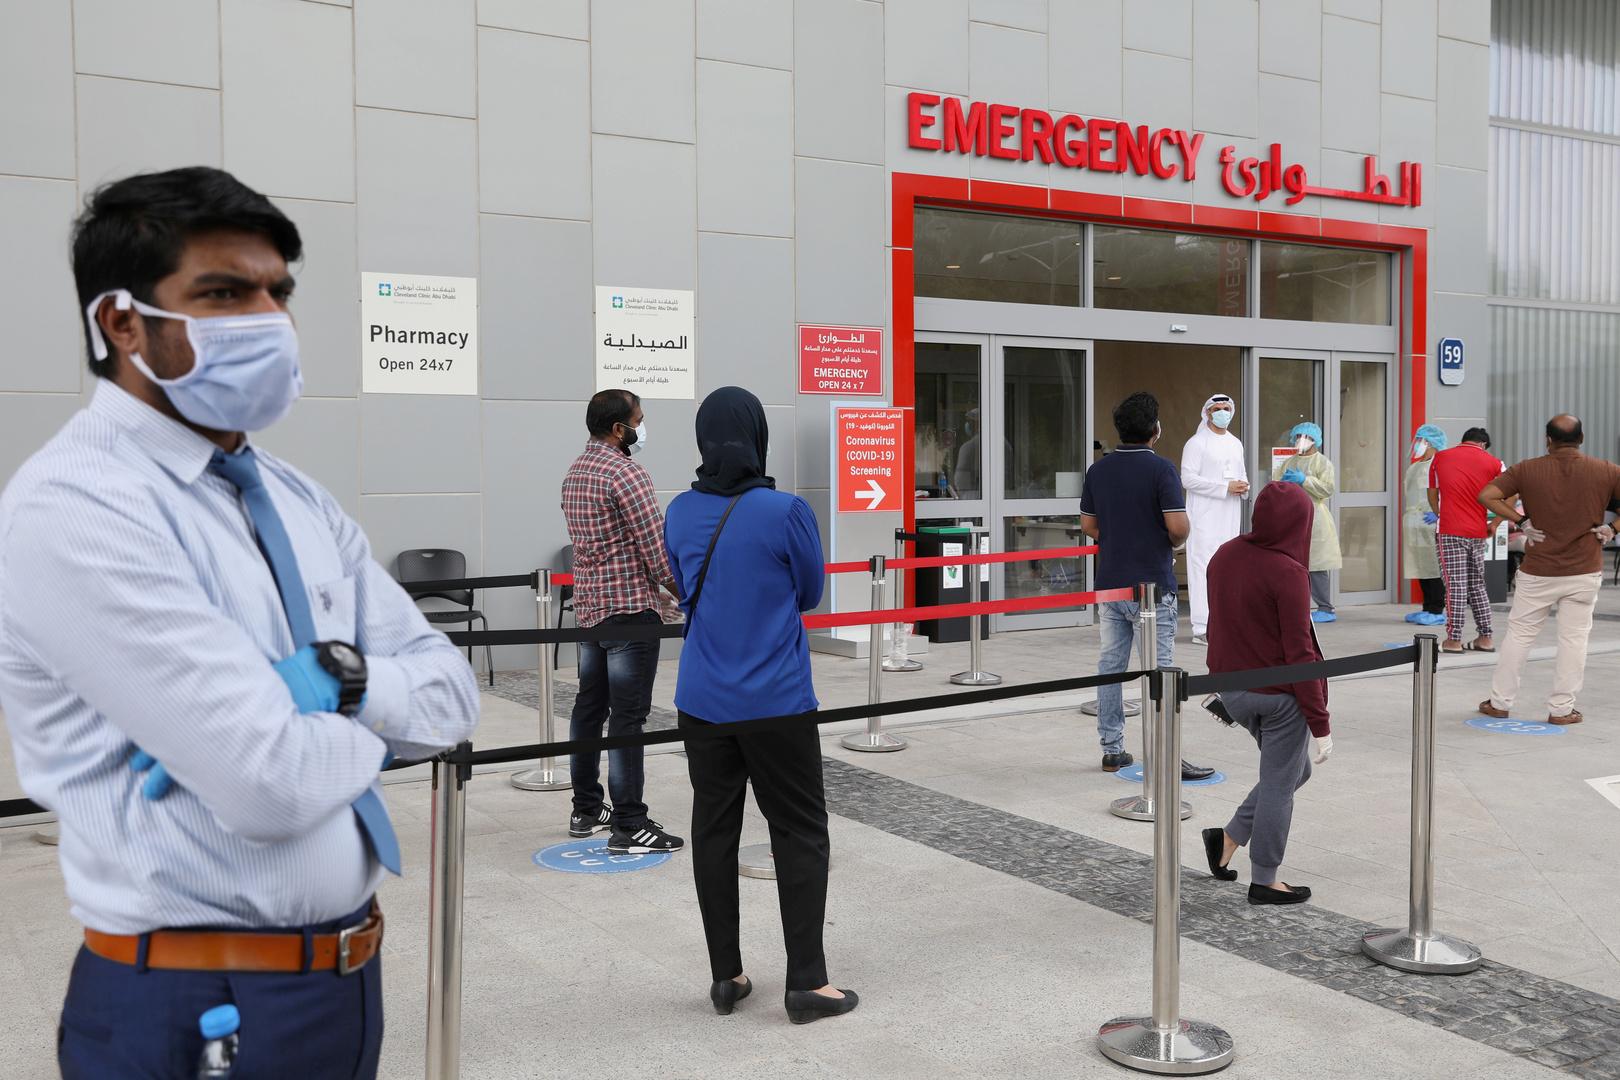 الإمارات تسجل 4 حالات وفاة بفيروس كورونا خلال الـ24 ساعة الماضية